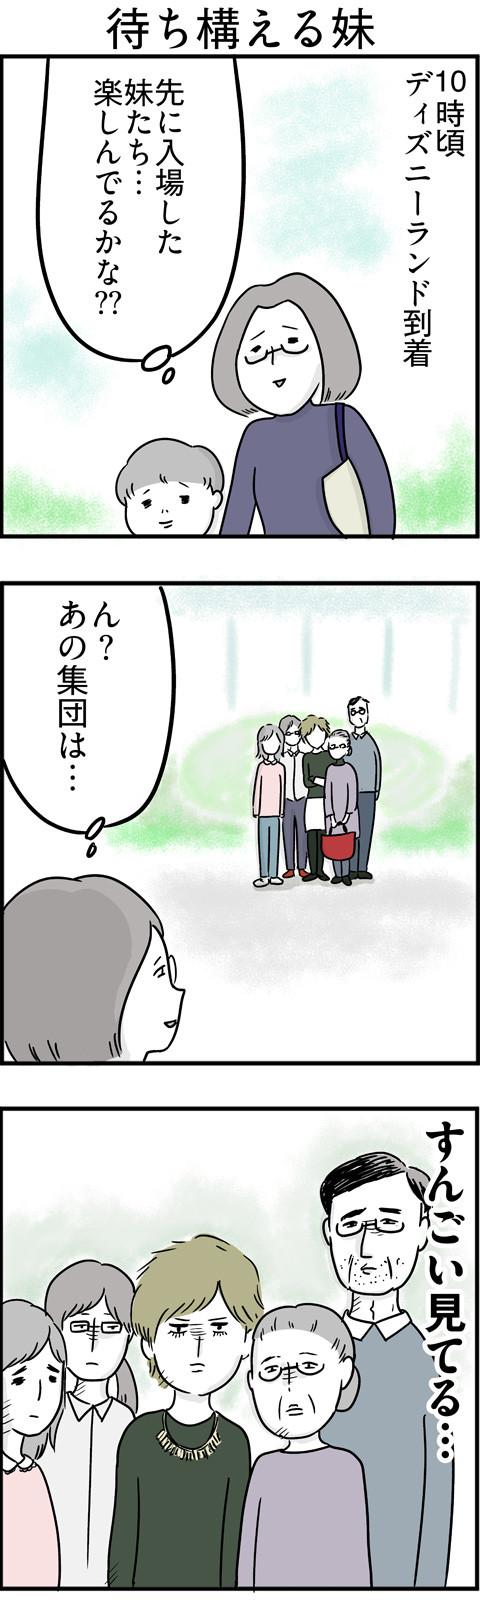 88待ち構える妹_01